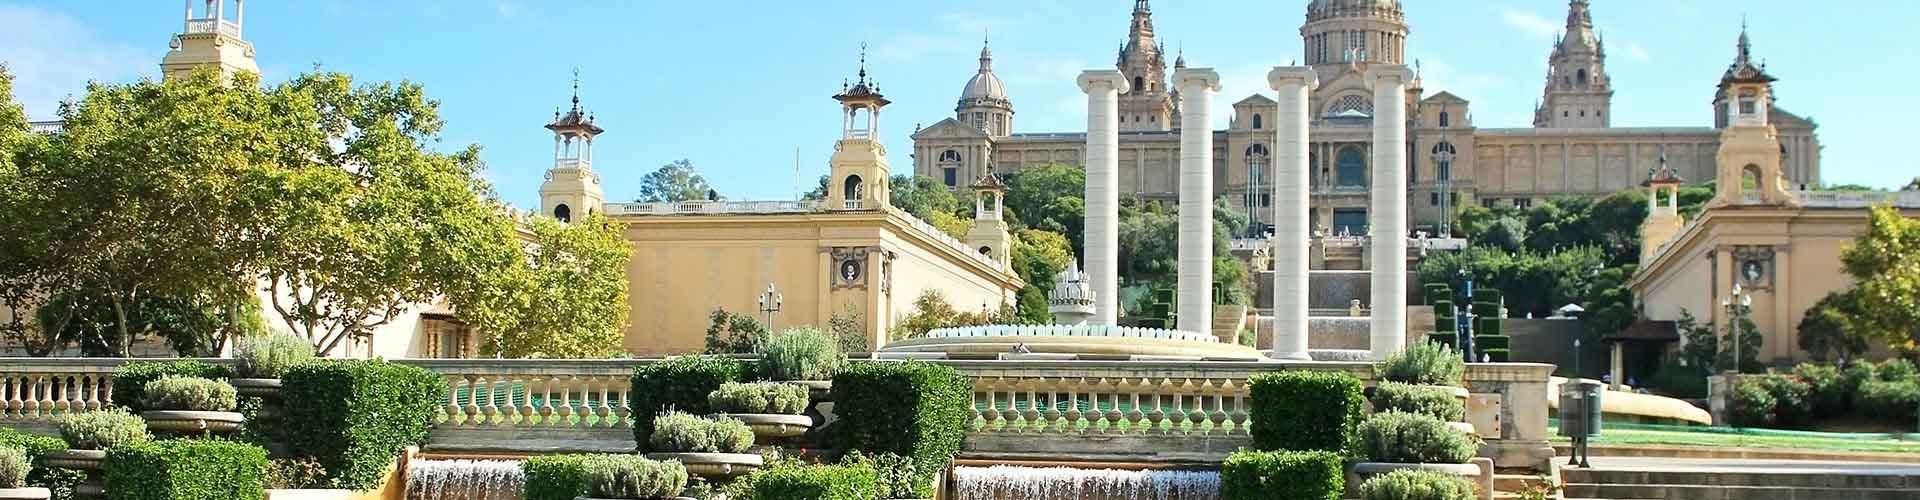 Barcelona - Hostelů ve čtvrti Putget - Farrò. Mapy pro Barcelona, fotky a recenze pro každý hostel v Barcelona.